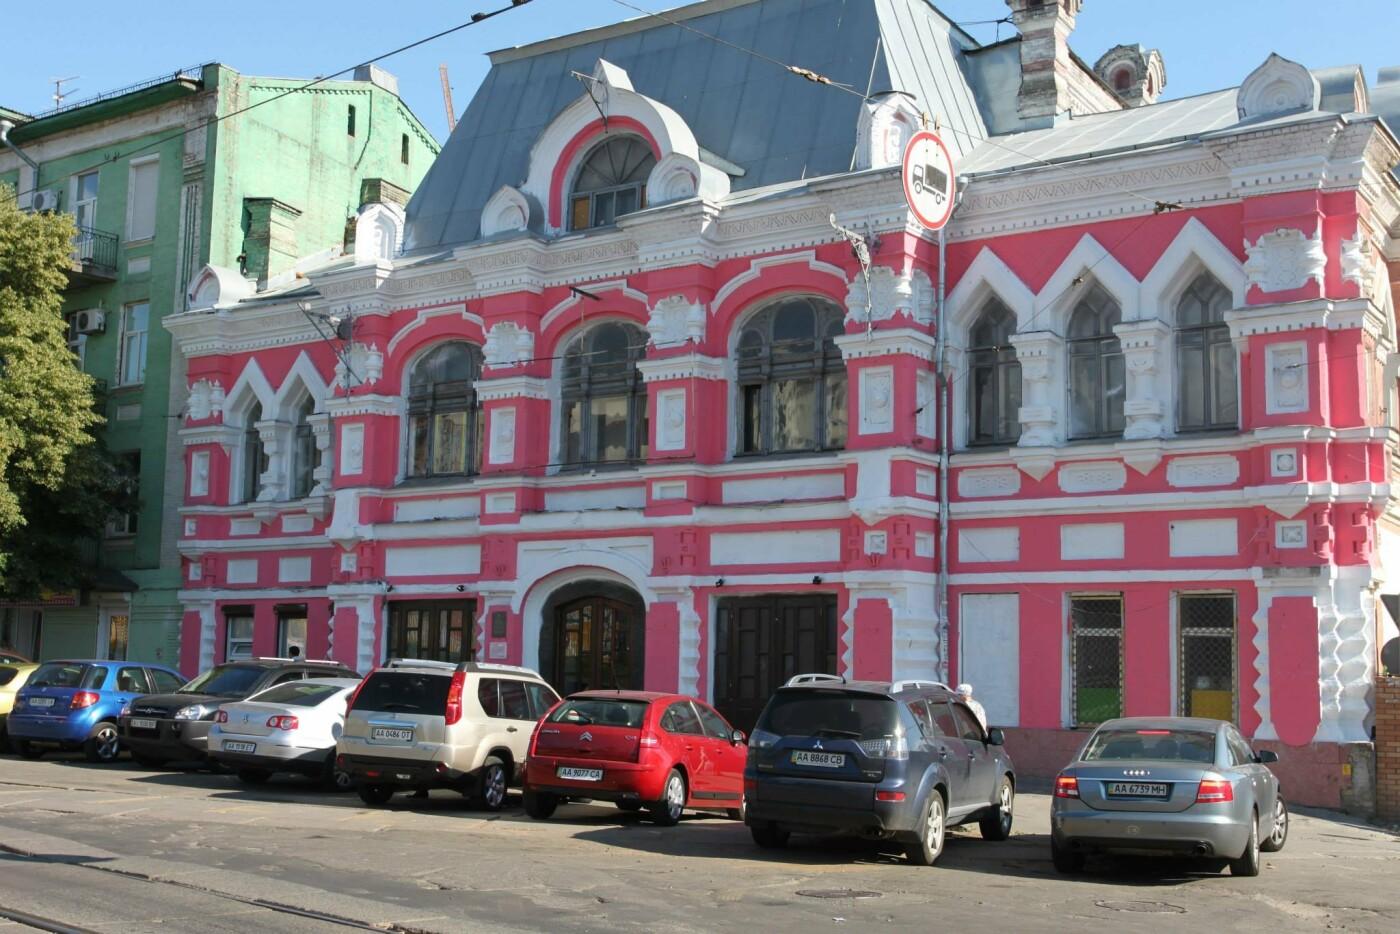 Здание с творческой атмосферой: Лукьяновский народный дом или Киевская малая опера, Фото: topclub ua